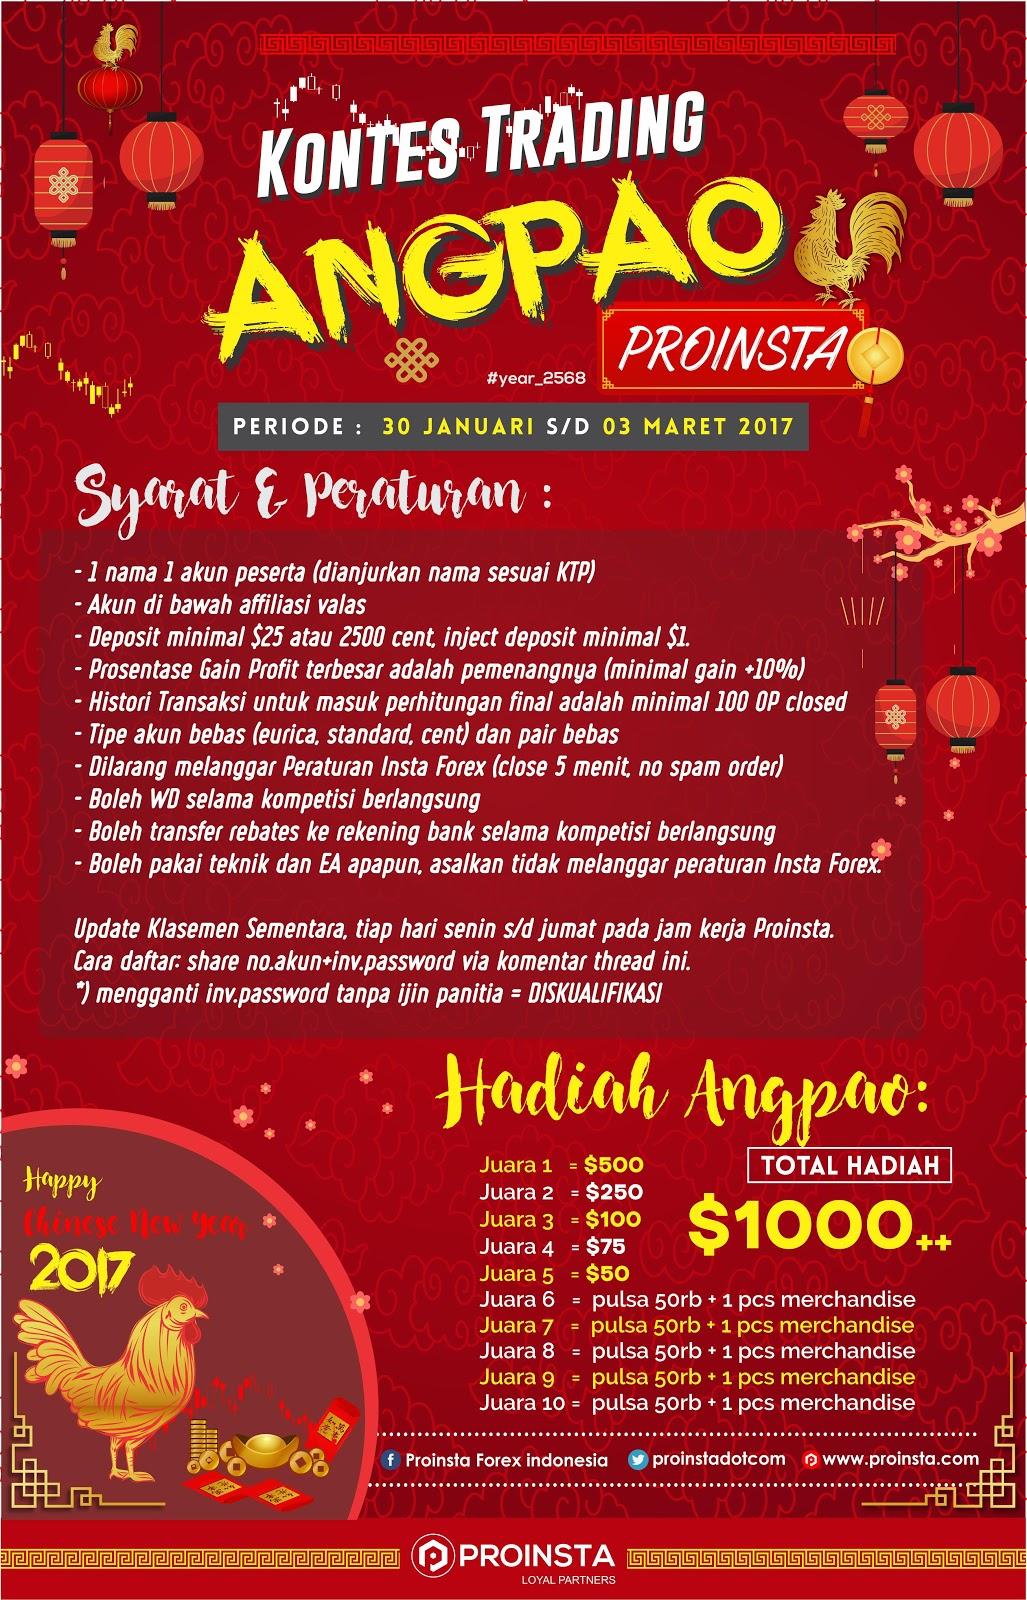 banner kontes trading angpao.jpg